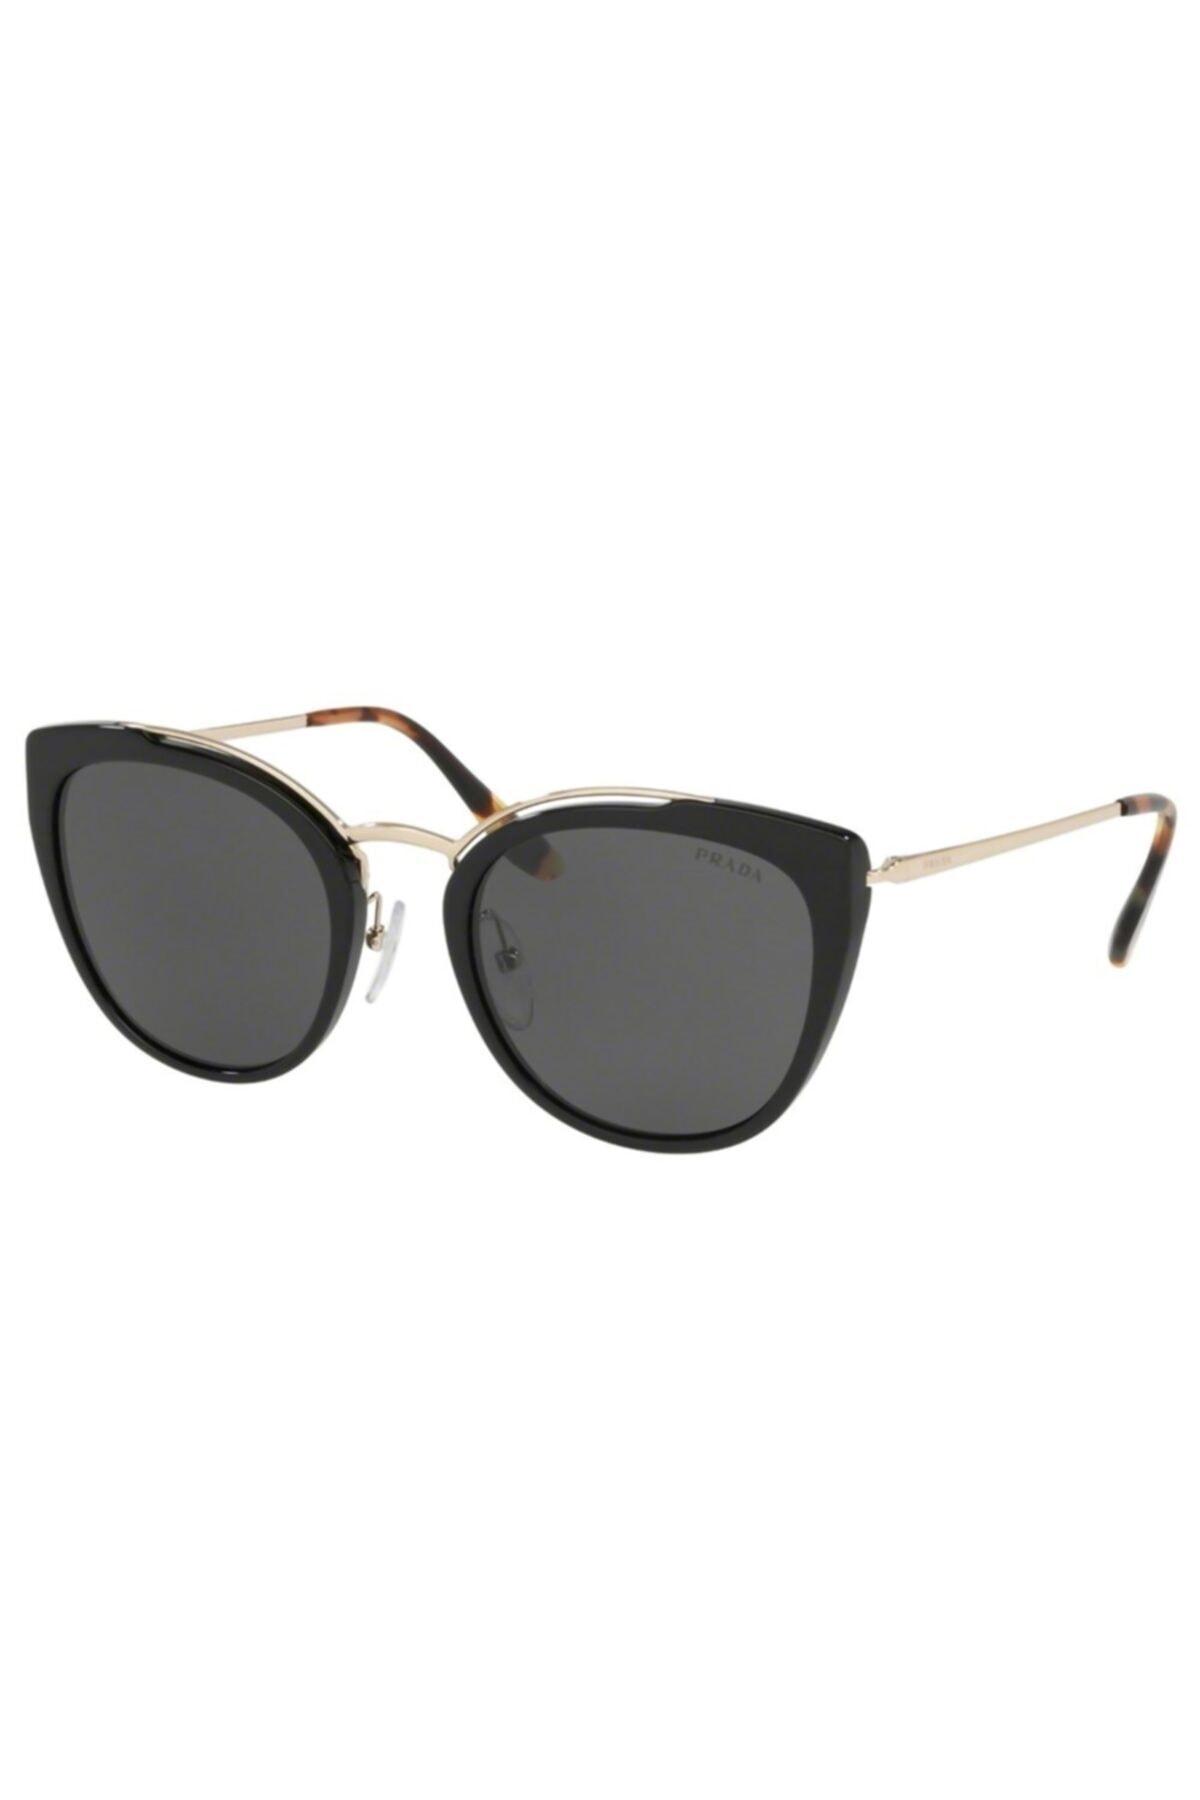 عینک آفتابی زنانه ترک مجلسی برند Prada کد ty50879197